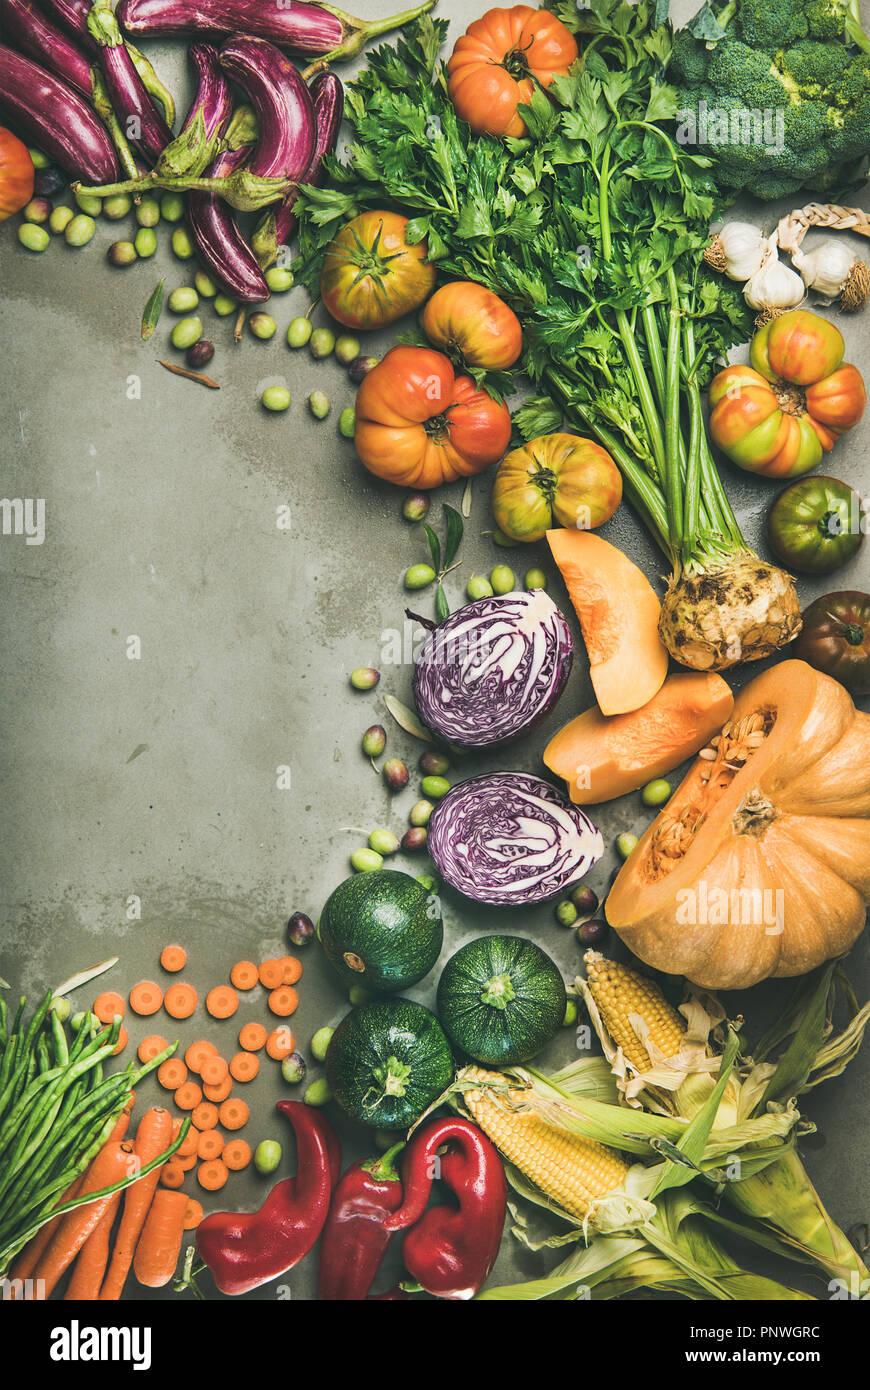 Caída estacional vegetariana saludable comida antecedentes, espacio de copia Imagen De Stock